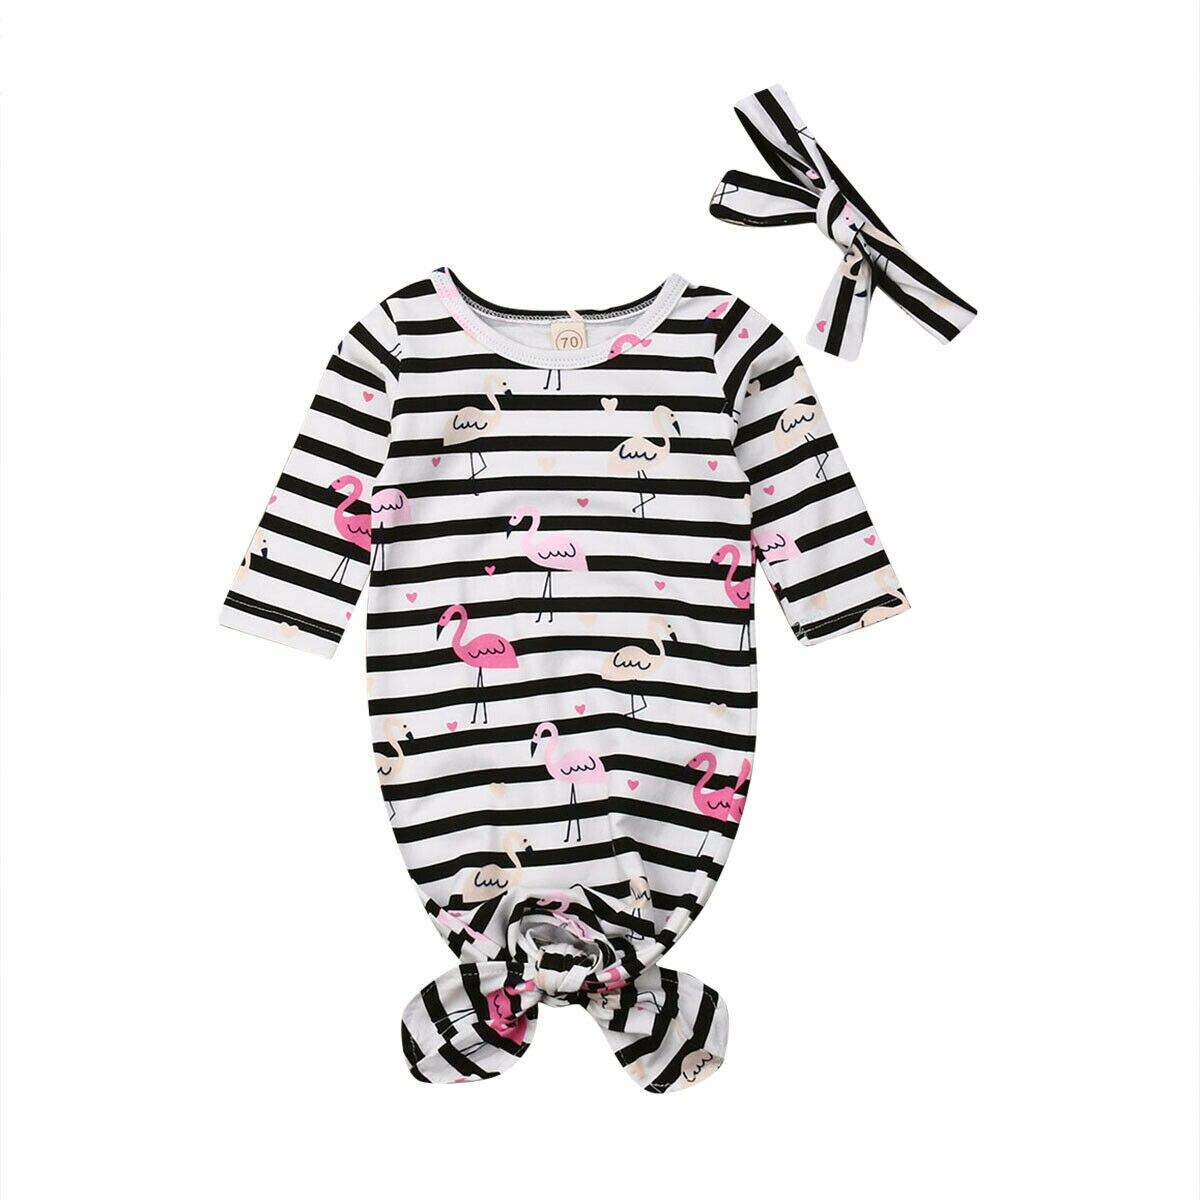 0-9 M Nette Neugeborene Baby Junge Mädchen Langarm Gestreiften Flamingo Nachtwäsche Schlaf Tasche Stirnband 2 Pcs Geschickte Herstellung